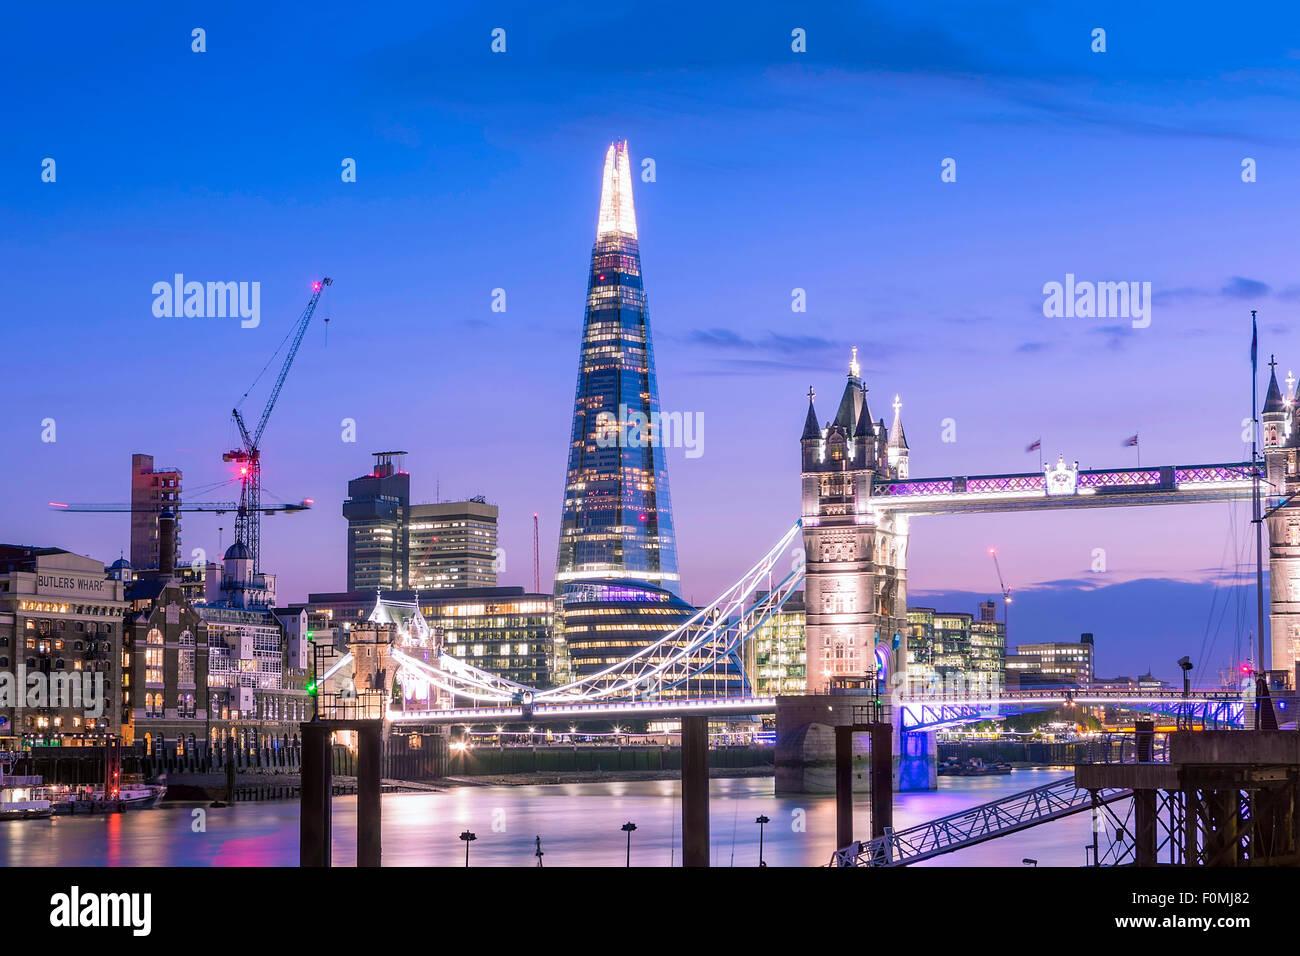 Il Tower Bridge, il Tamigi e la Shard Building a Londra, Inghilterra, Regno Unito Immagini Stock